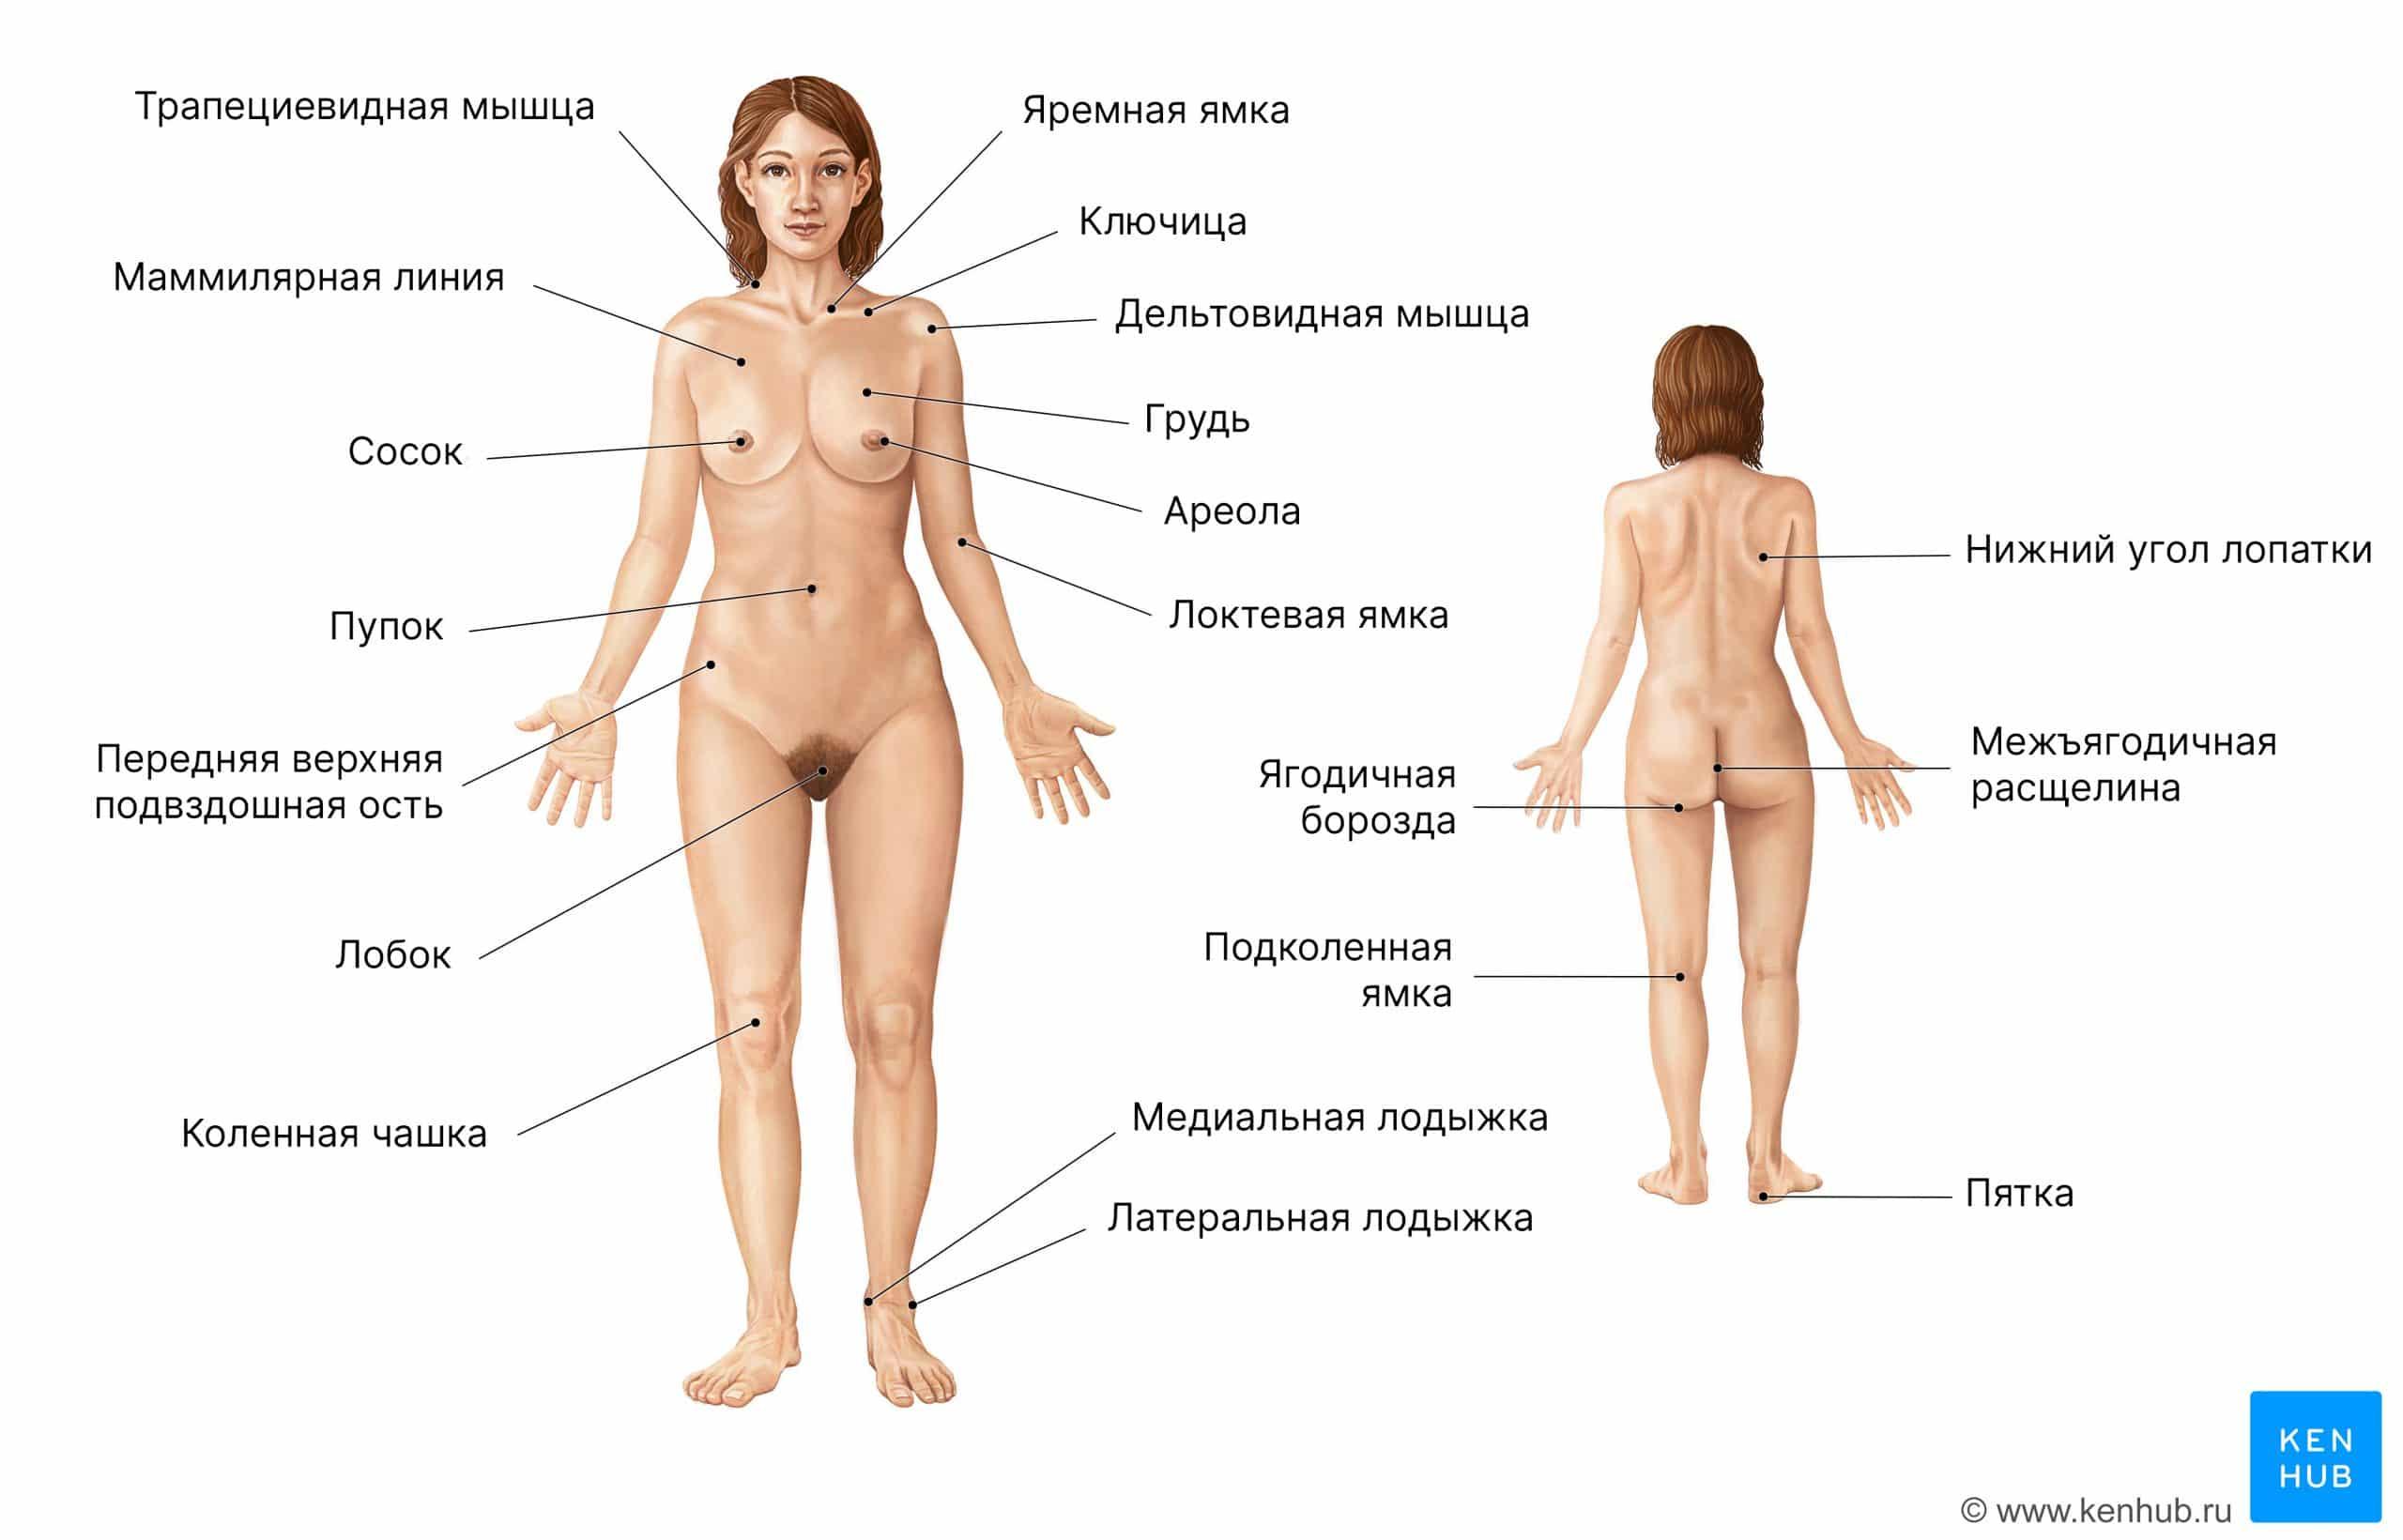 Анатомия поверхности женского тела (передний и задний виды)